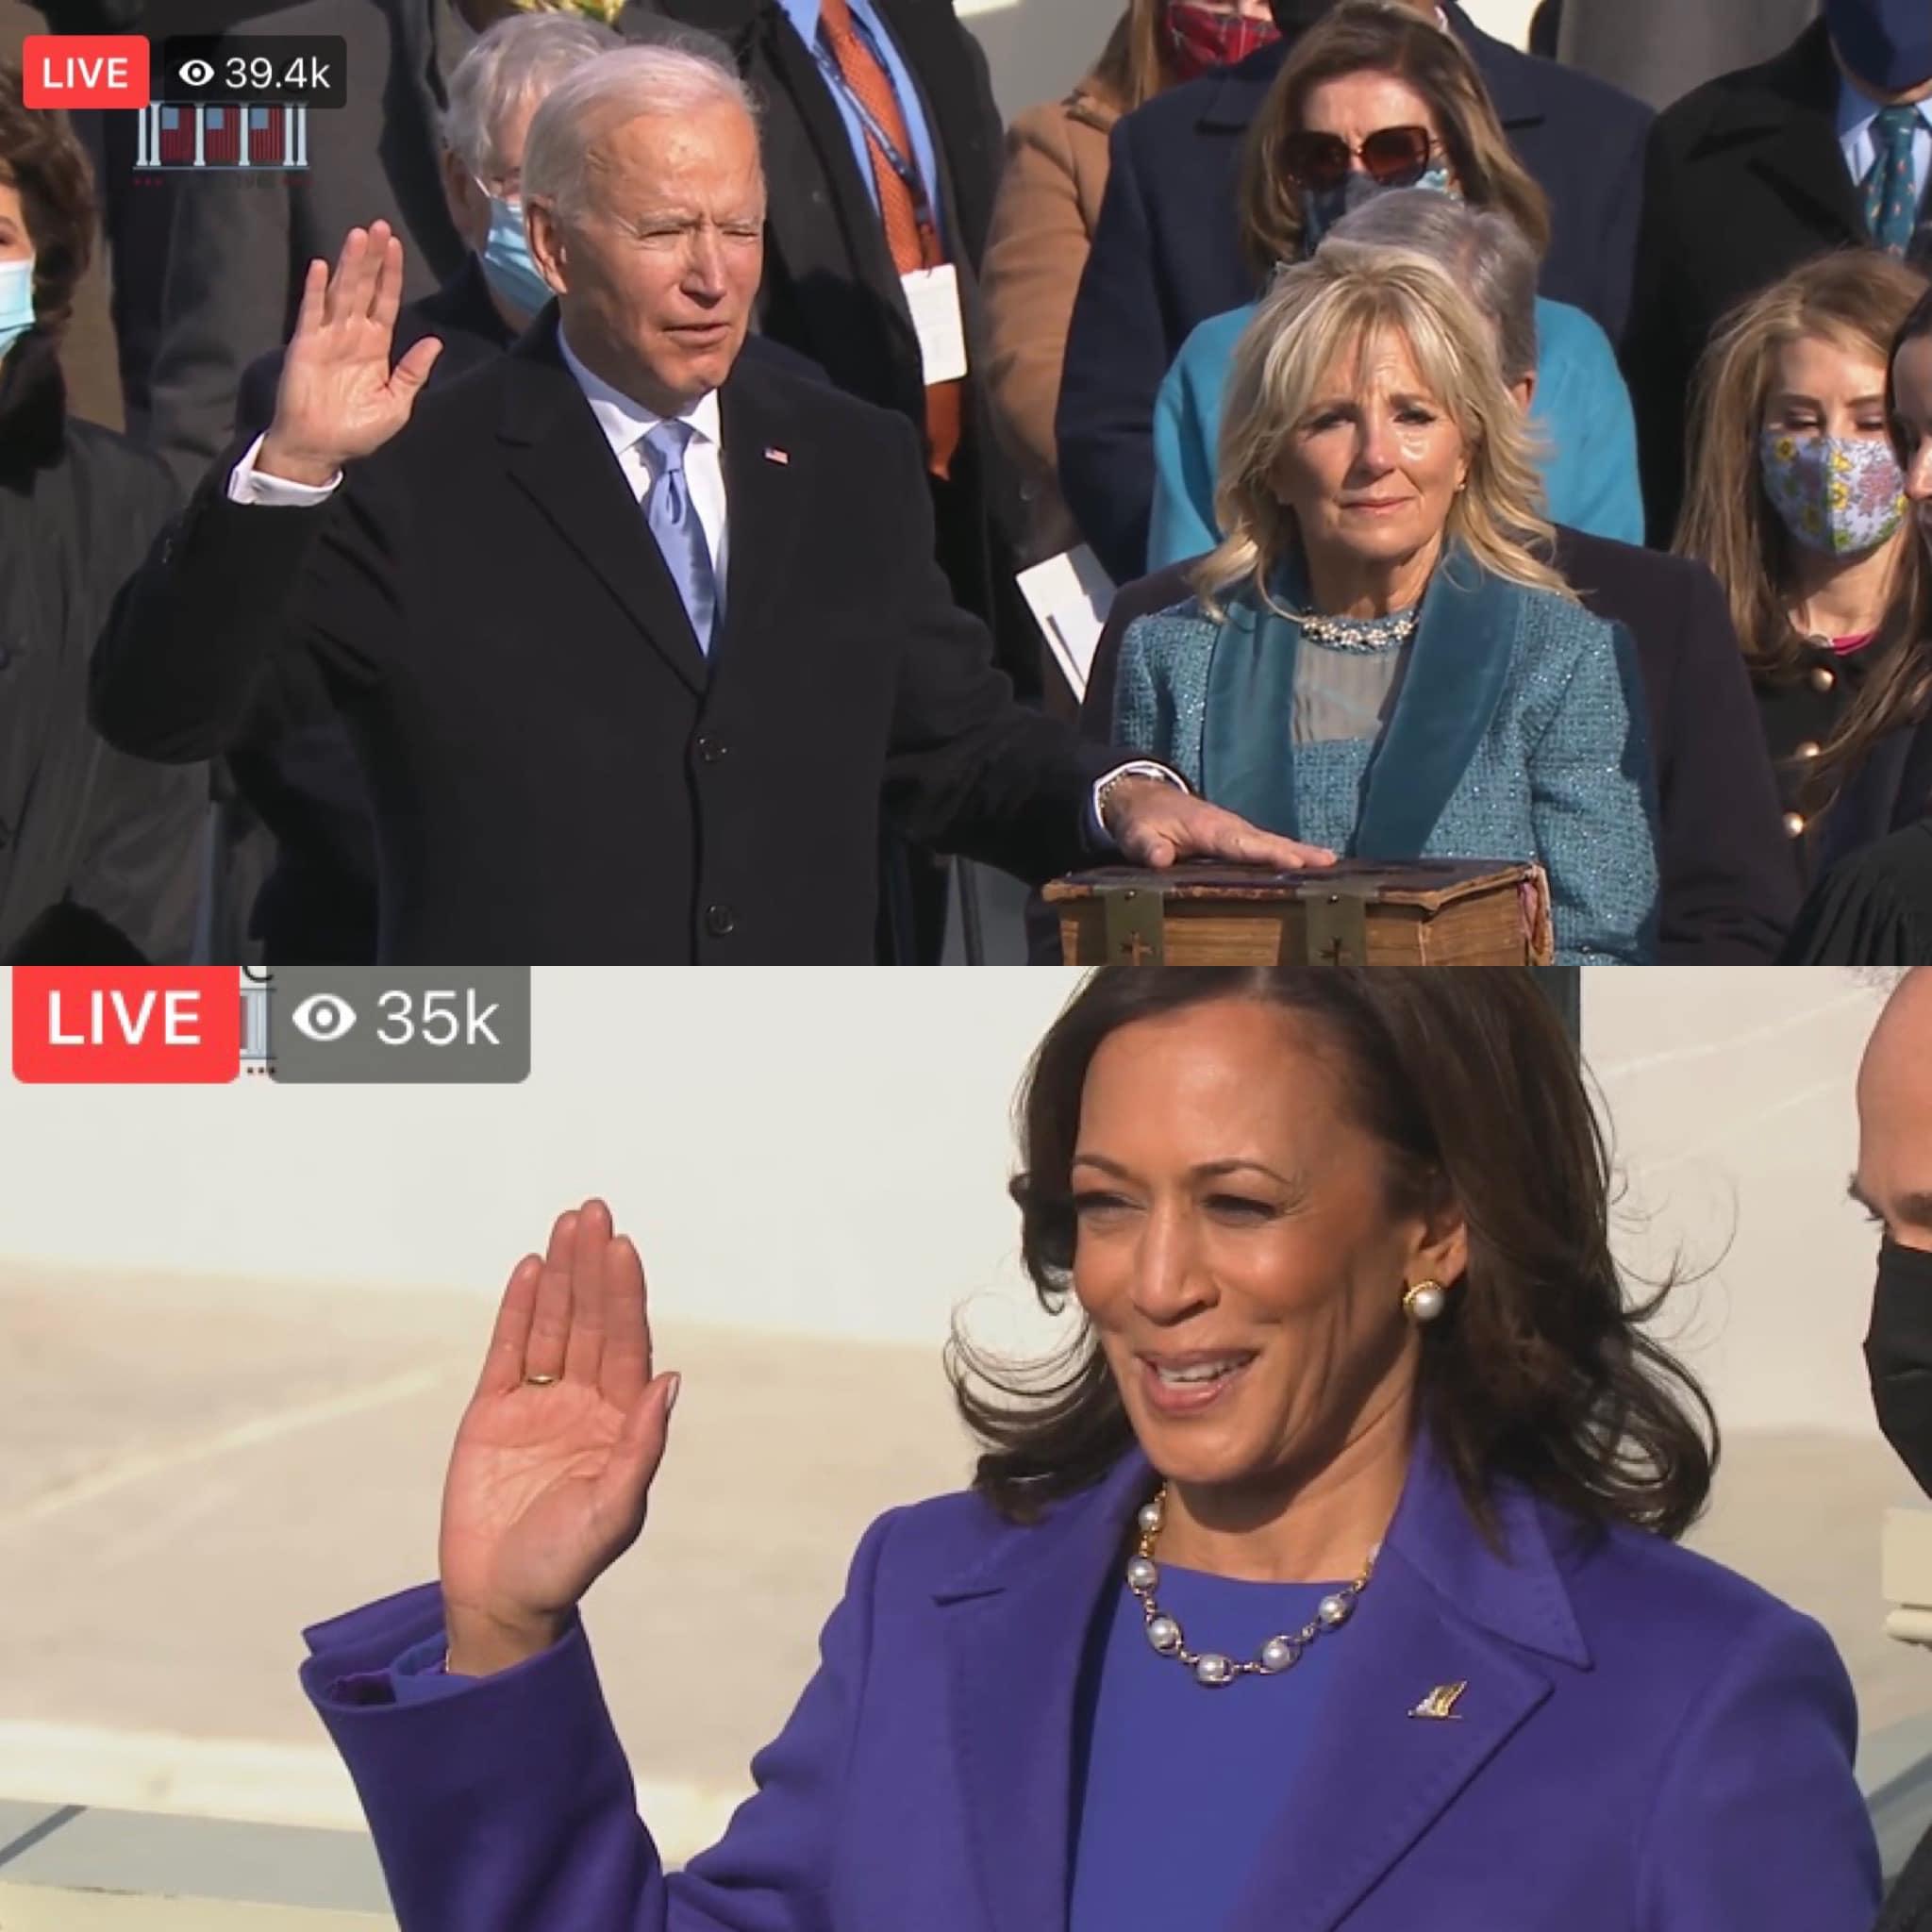 Congratulations President Joe Biden